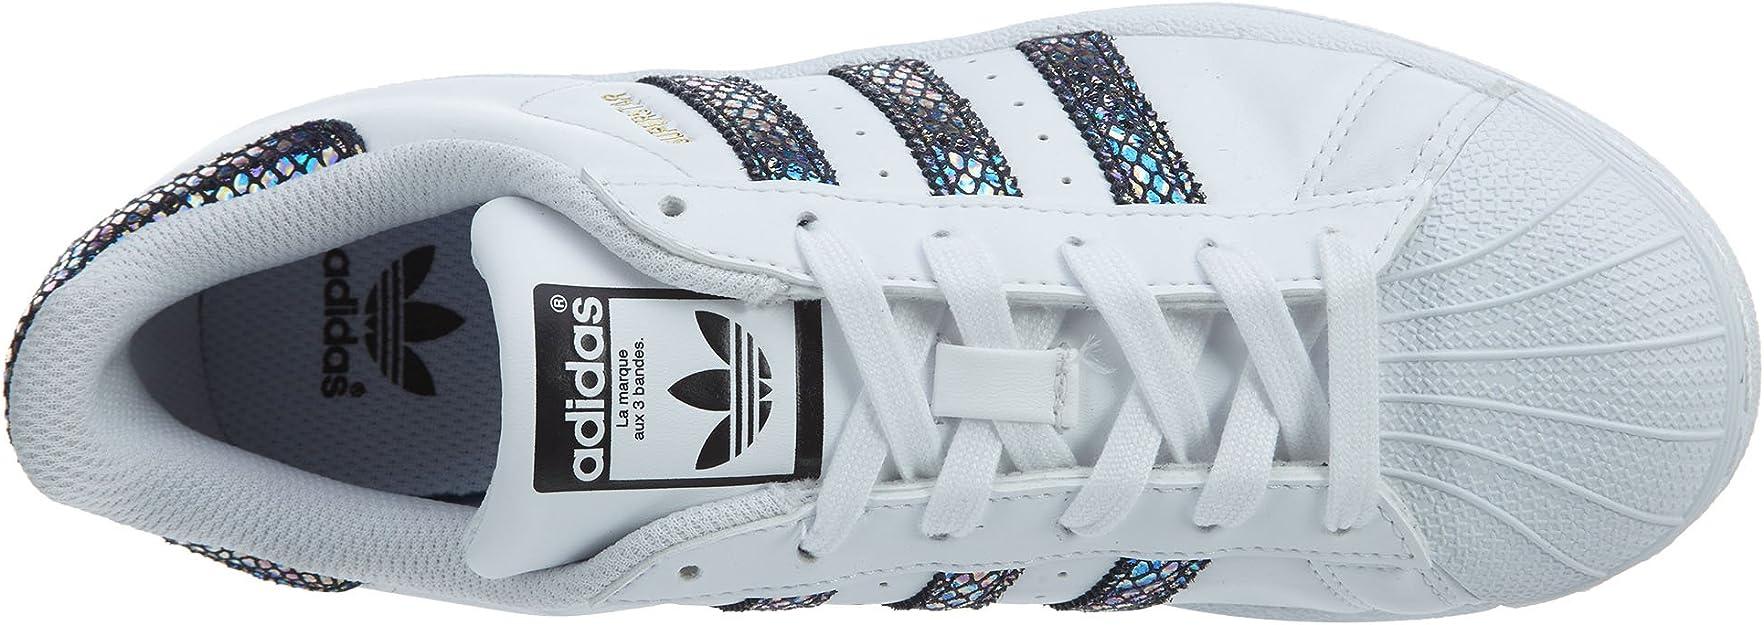 adidas OriginalsS76352 Superstar Métallisé Serpent